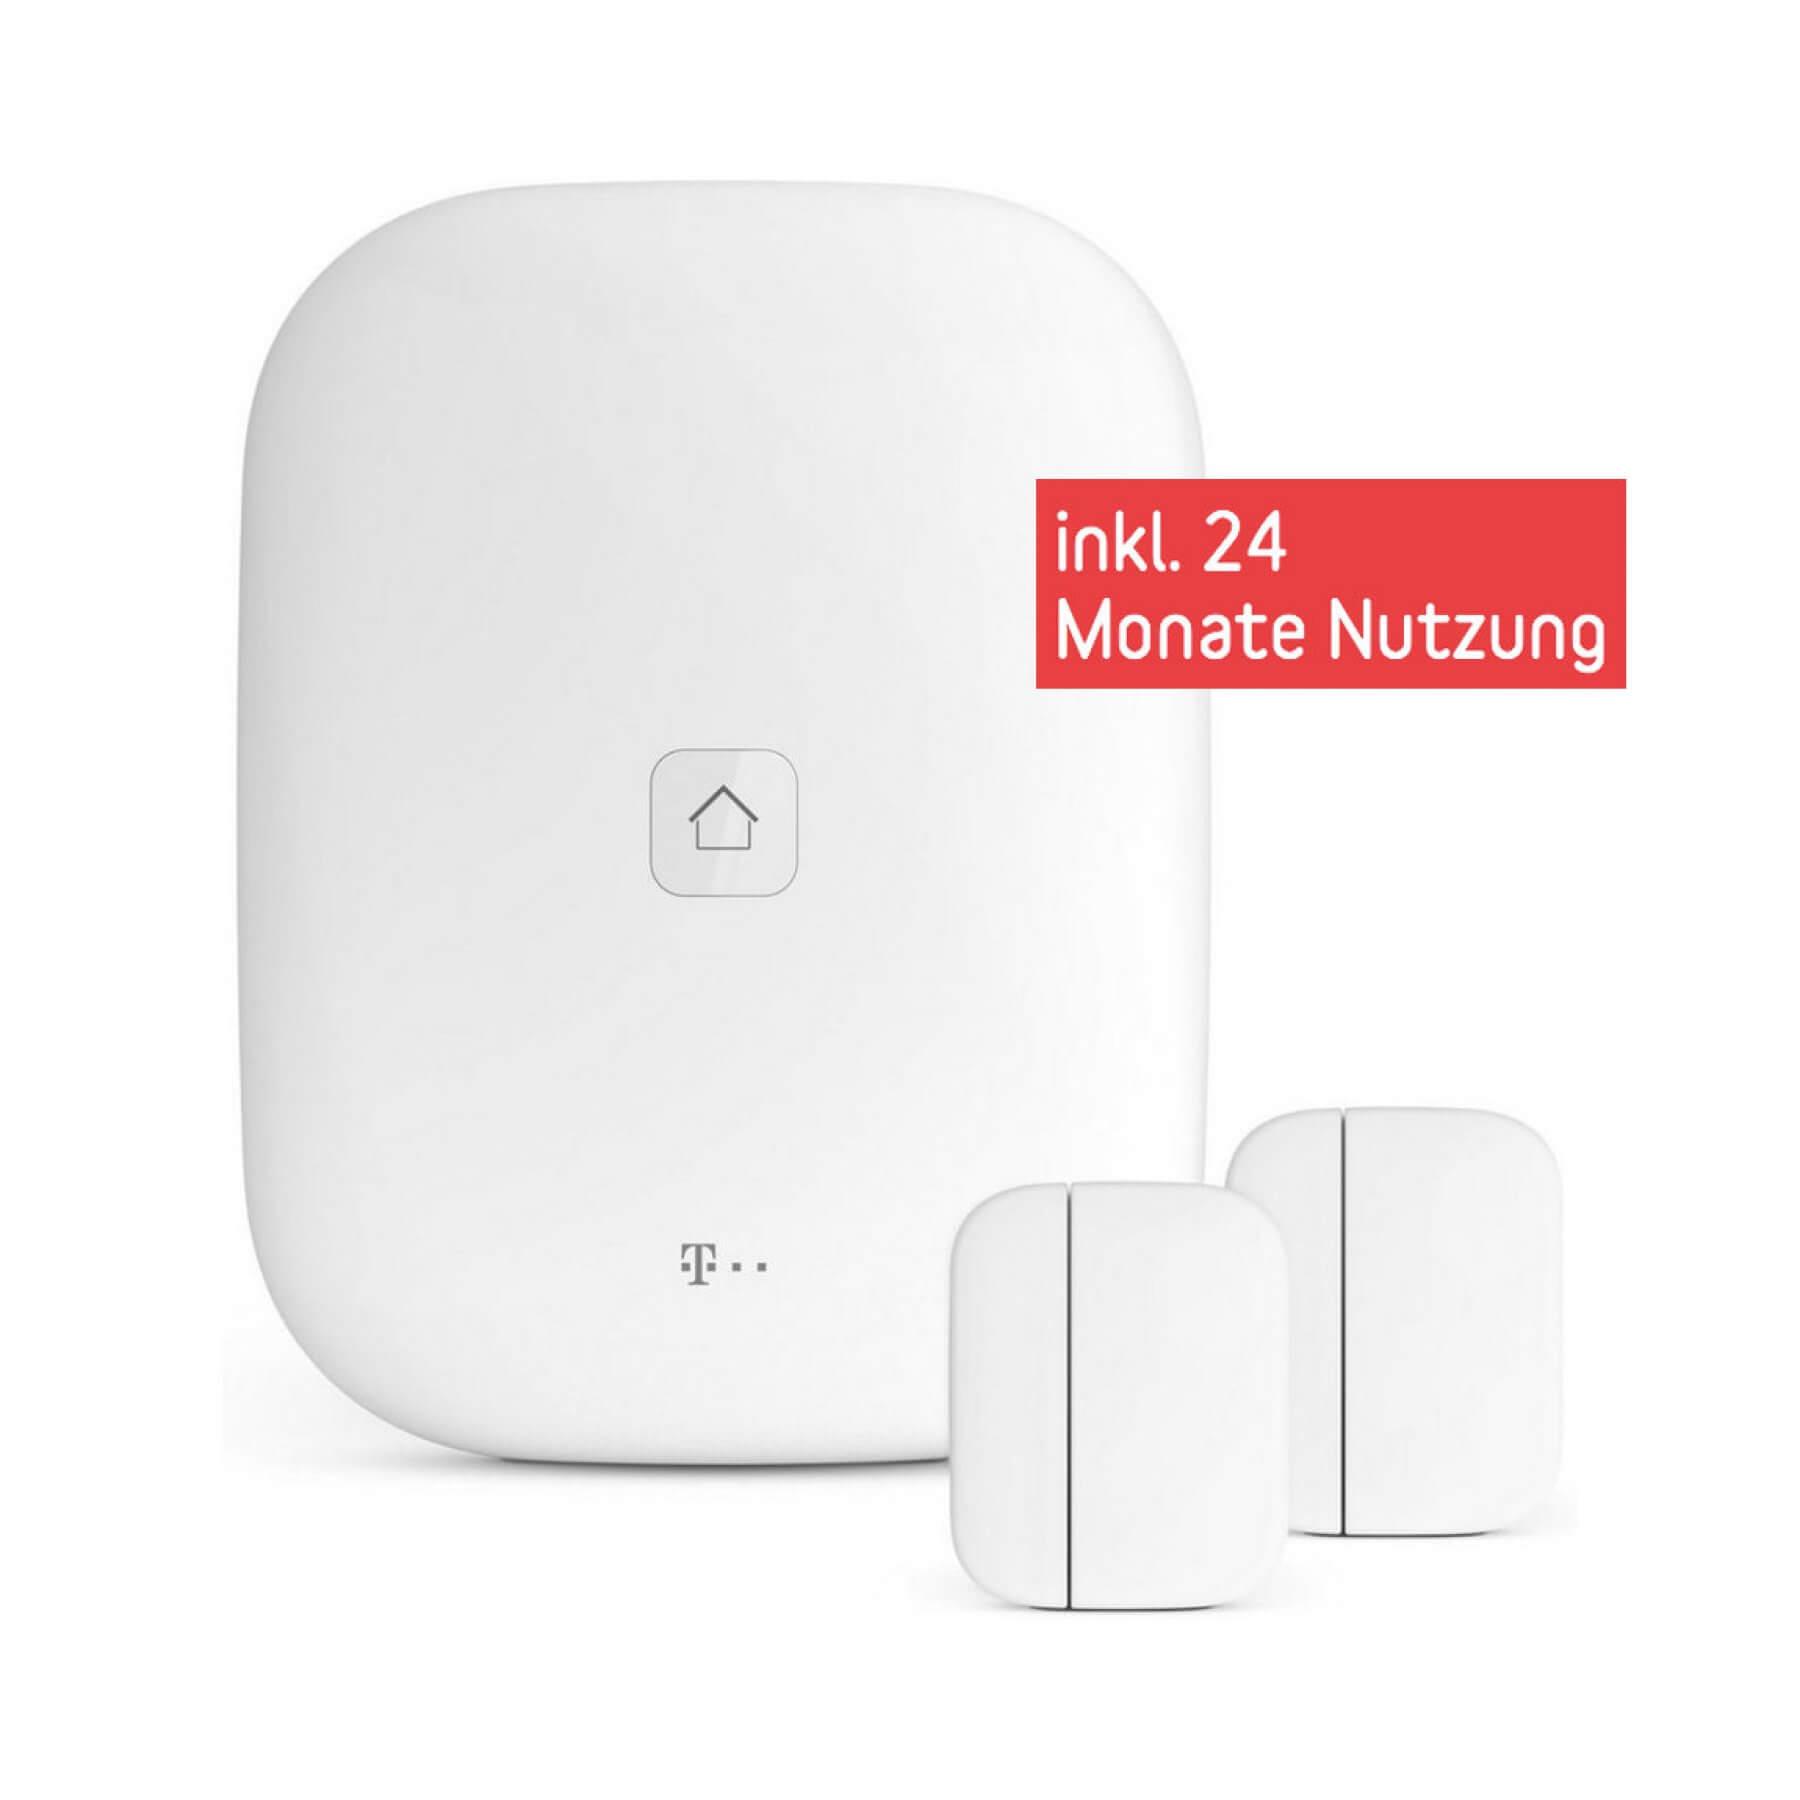 telekom smart home starter paket inkl 24 monate nutzung. Black Bedroom Furniture Sets. Home Design Ideas